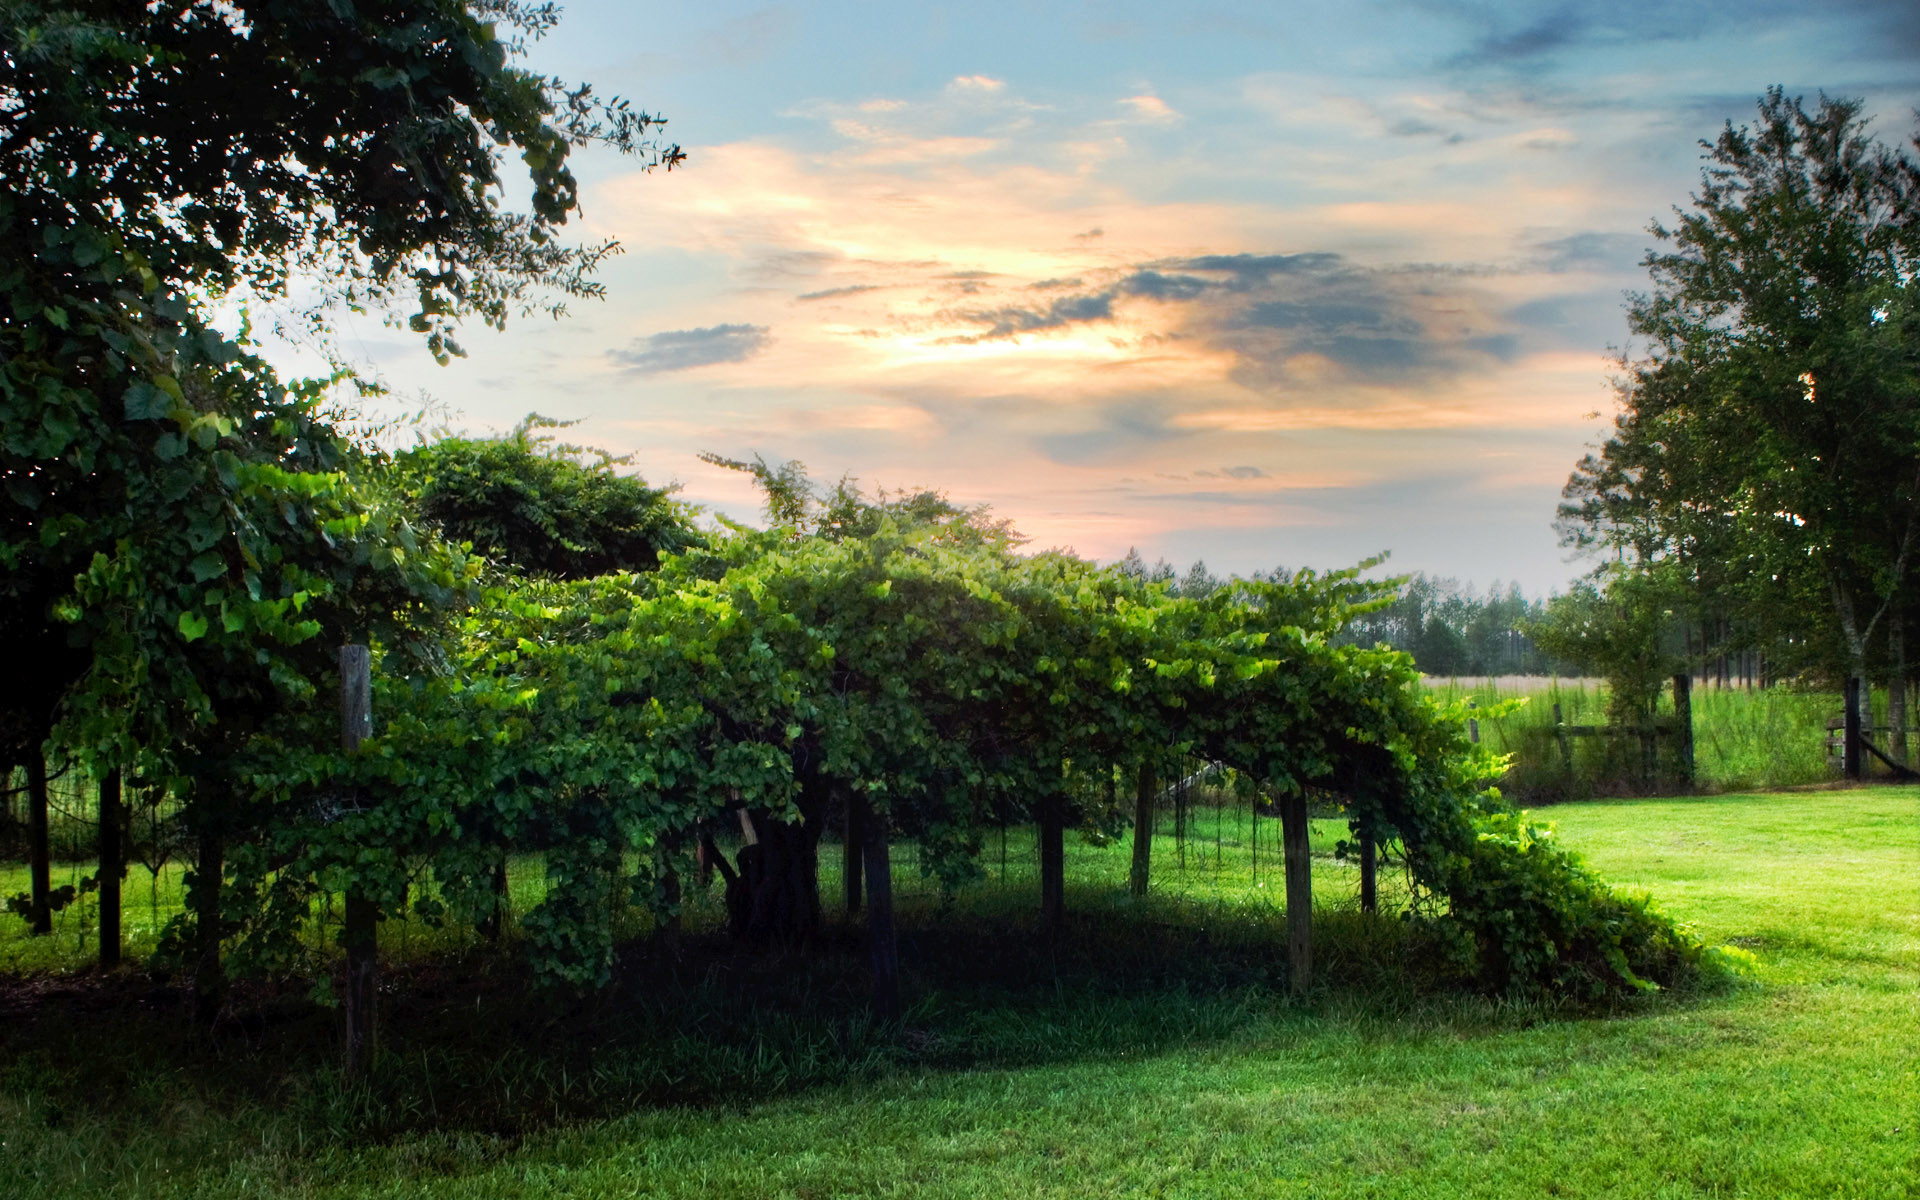 download beautiful hd natural greenery scene wallpaper